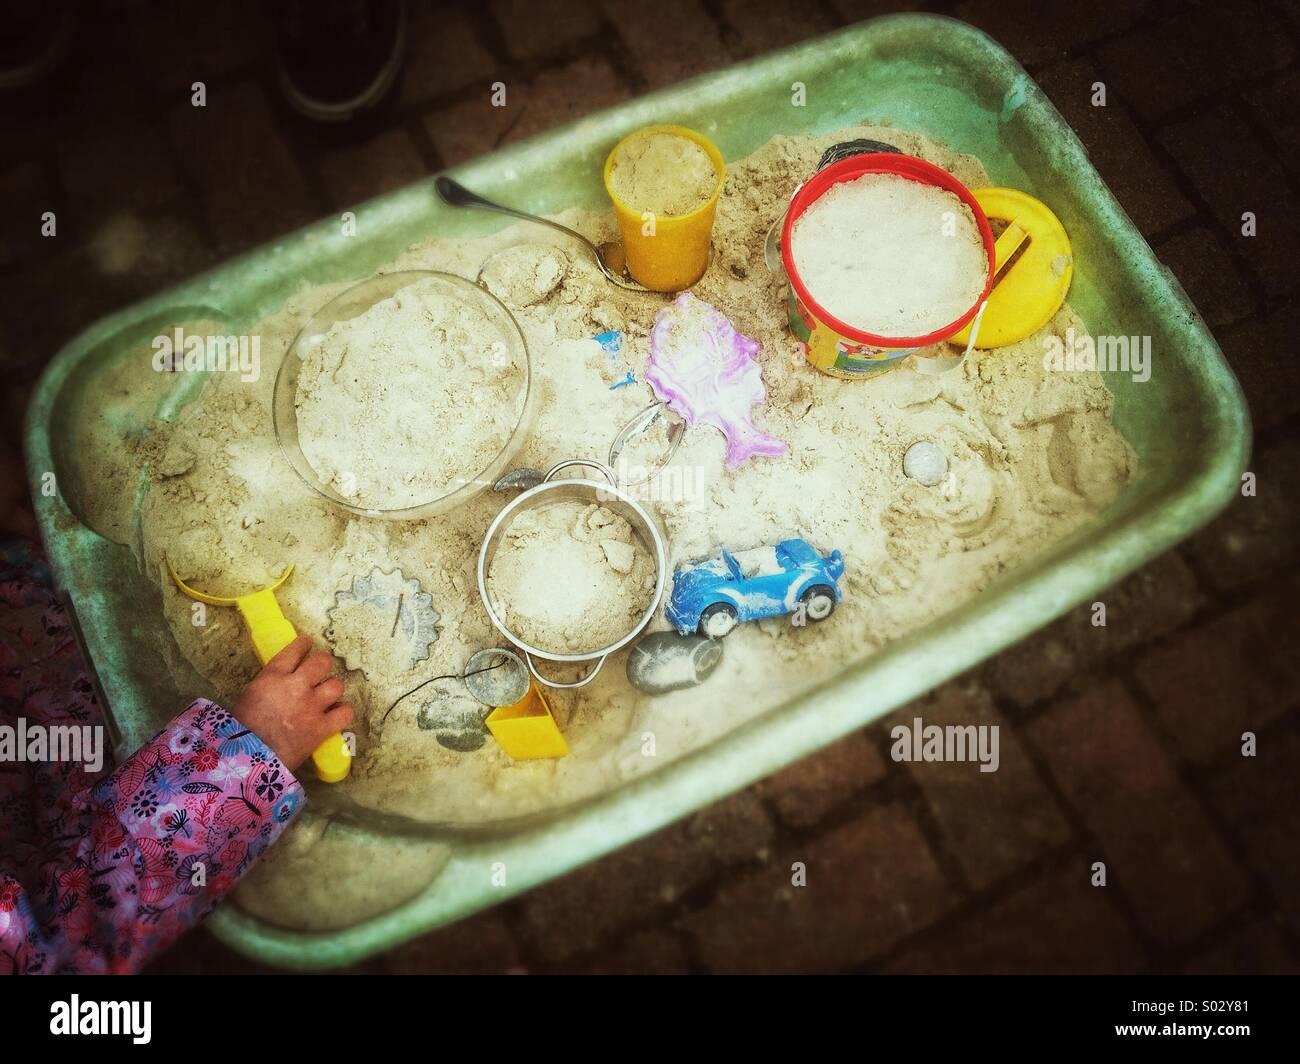 Areia criança mão segurando o receptáculo, areia brinquedos de plástico Imagens de Stock